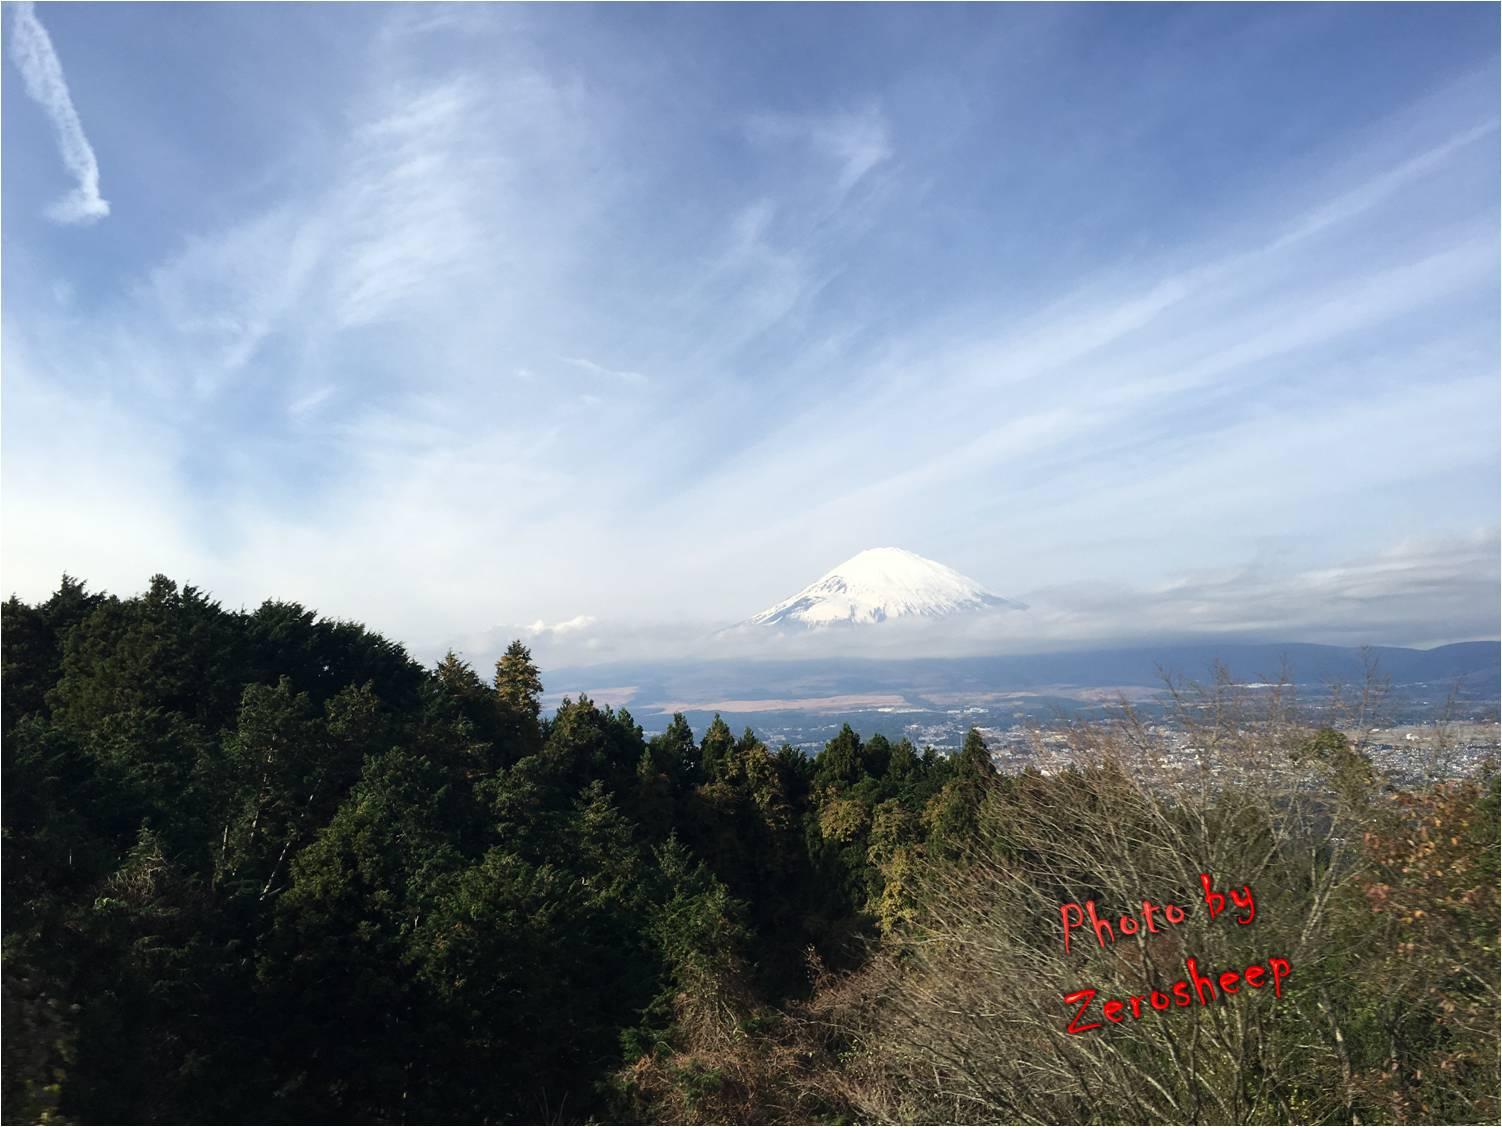 (2016一人旅) 夕陽無限好 黃昏的富士山更好 | Tokyo Creative